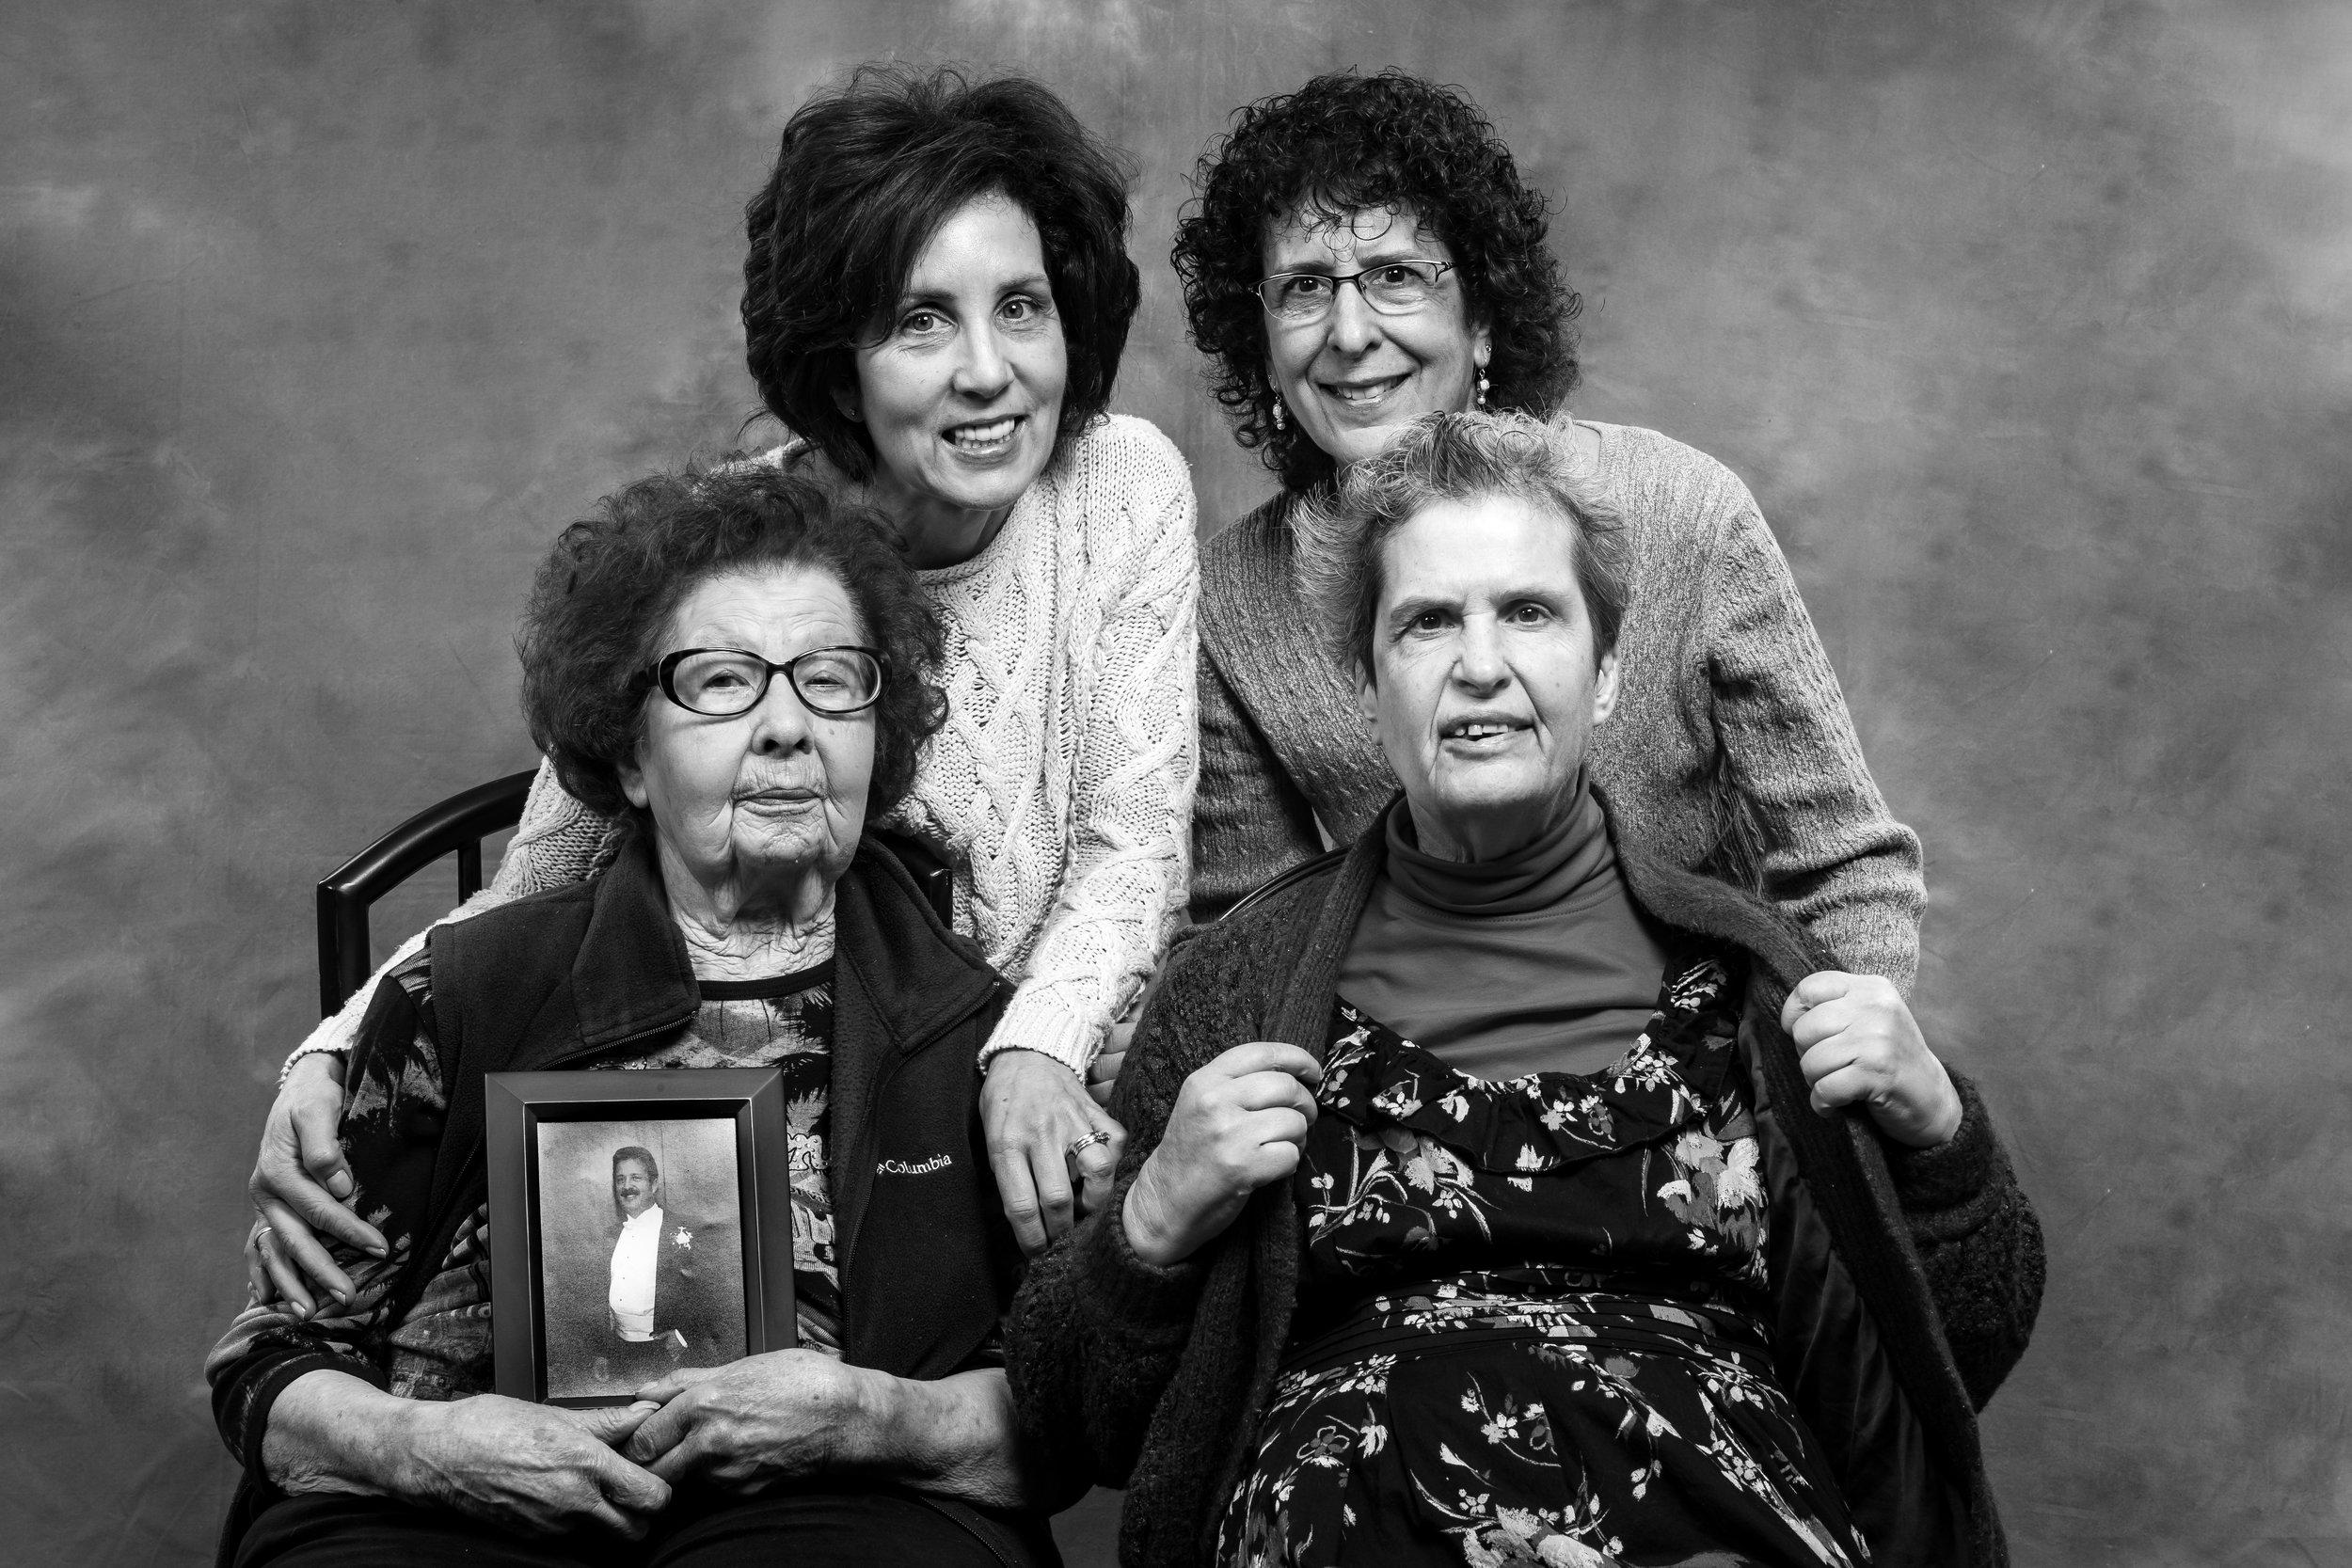 The Kim Loustalot Family